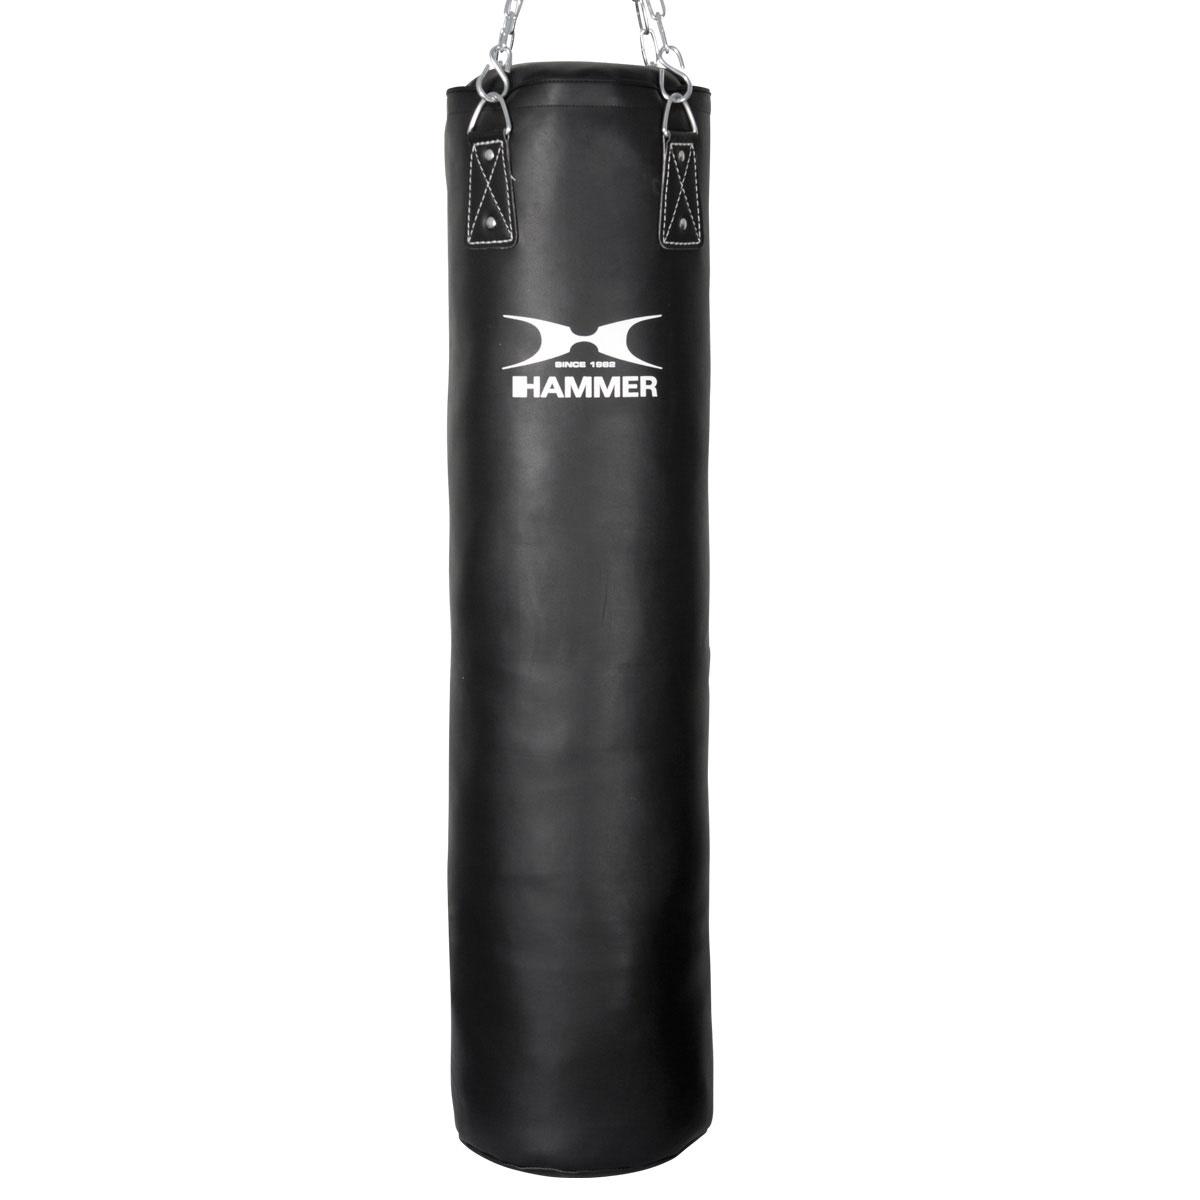 Billede af Hammer Premium Black kick Sandsække (180x35cm - 50kg)